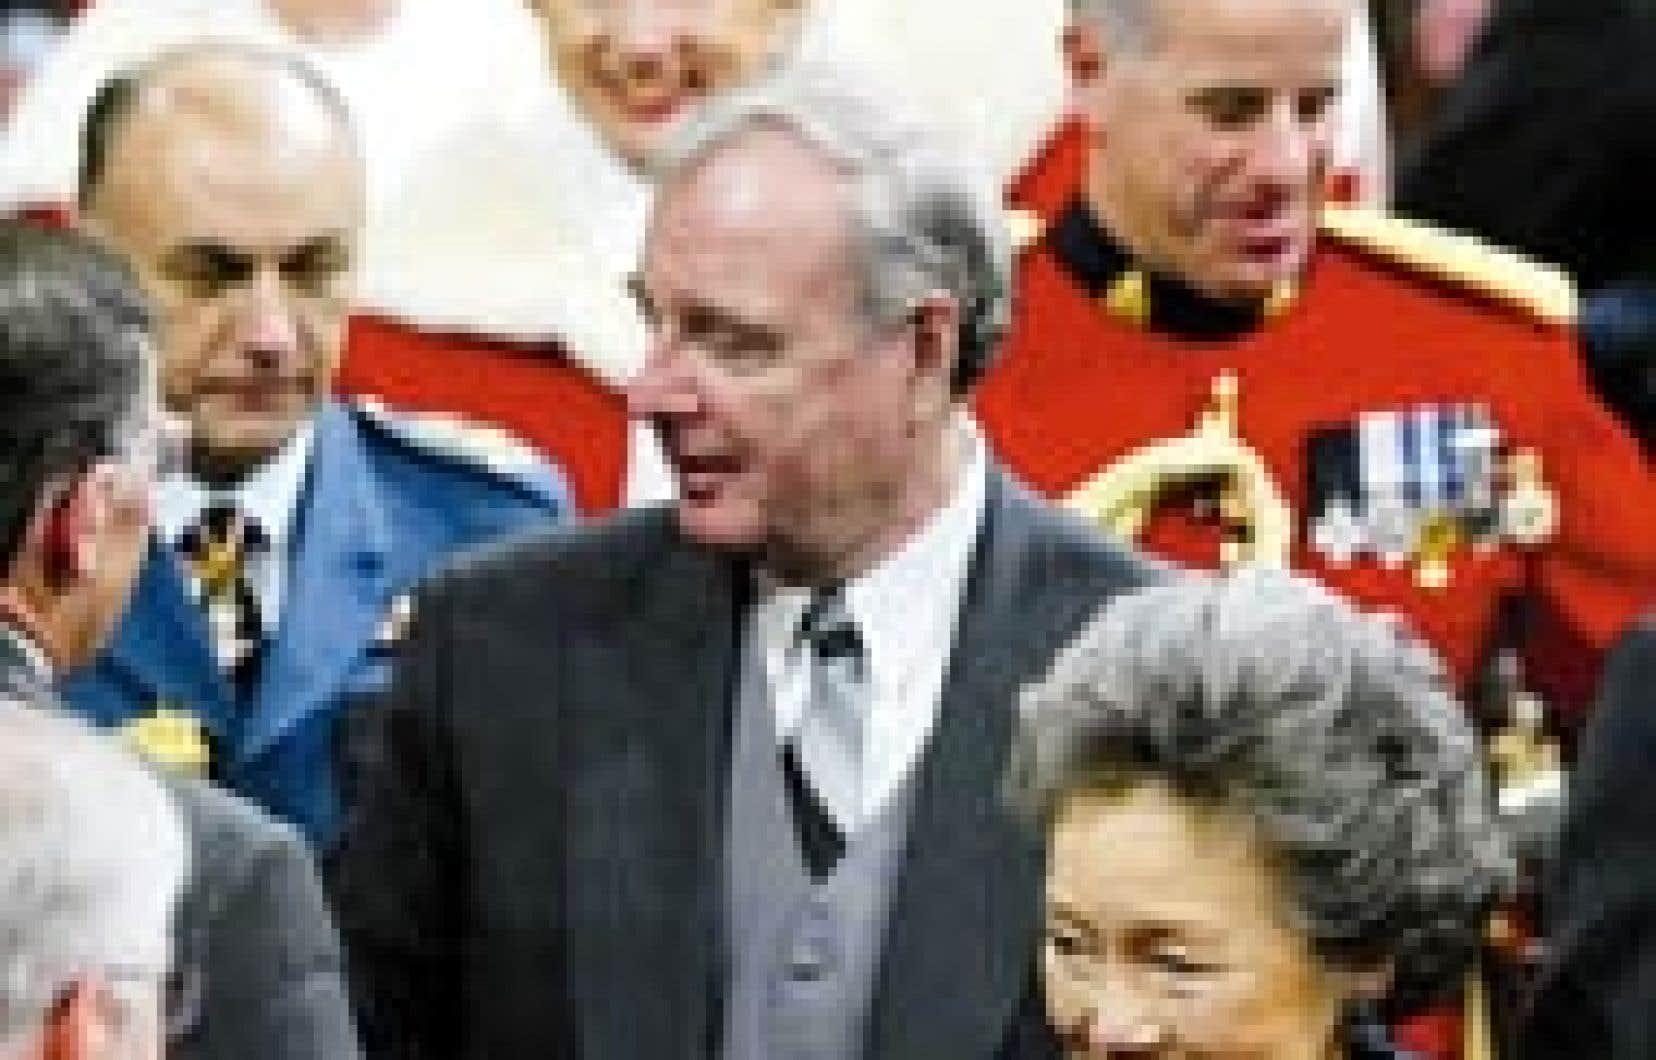 Le premier ministre Paul Martin et la gouverneure générale Adrienne Clarkson quittent l'enceinte du Sénat après la lecture du discours du Trône, suivis du chef d'état-major de la Défense, le général Ray Henault, de la juge en chef de la Cour